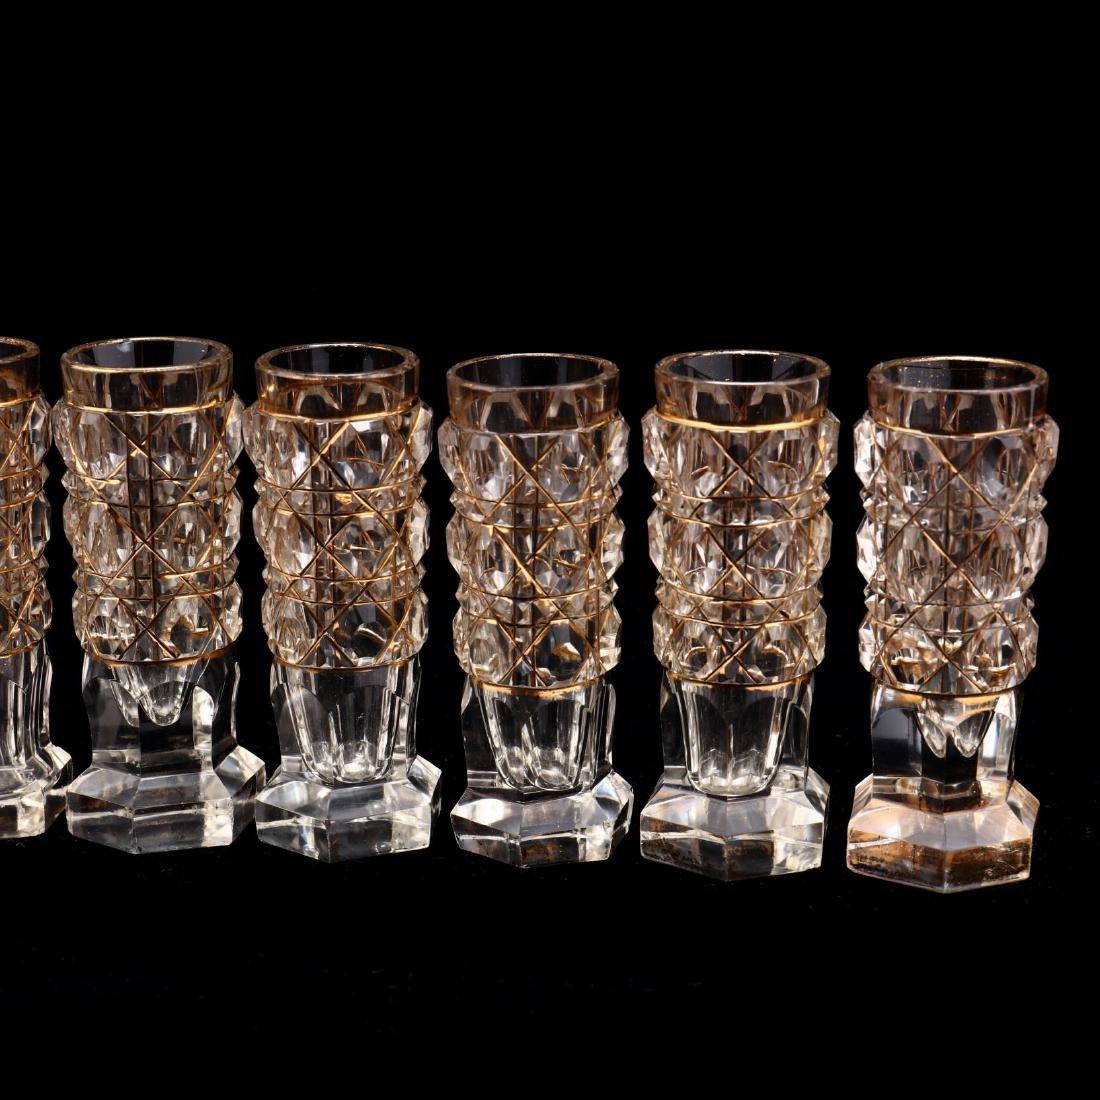 A Set of Ten Russian Gilt & Cut Crystal Vodka Glasses - 3